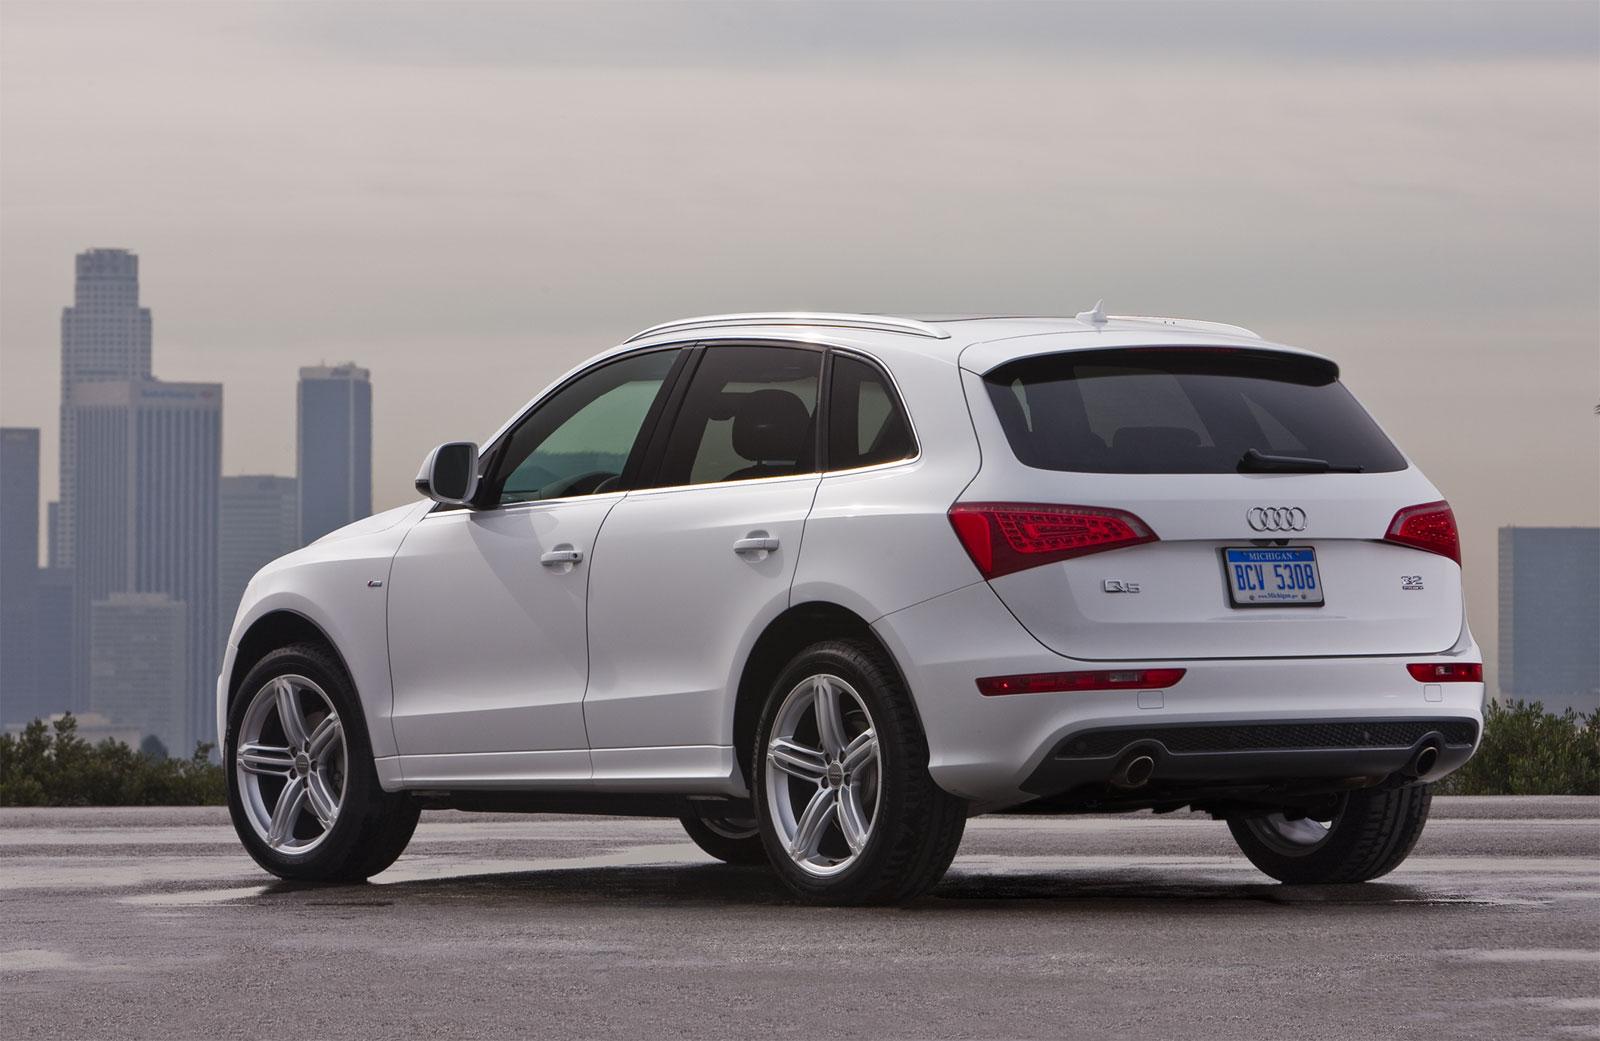 2011 Audi Q5 Image 8